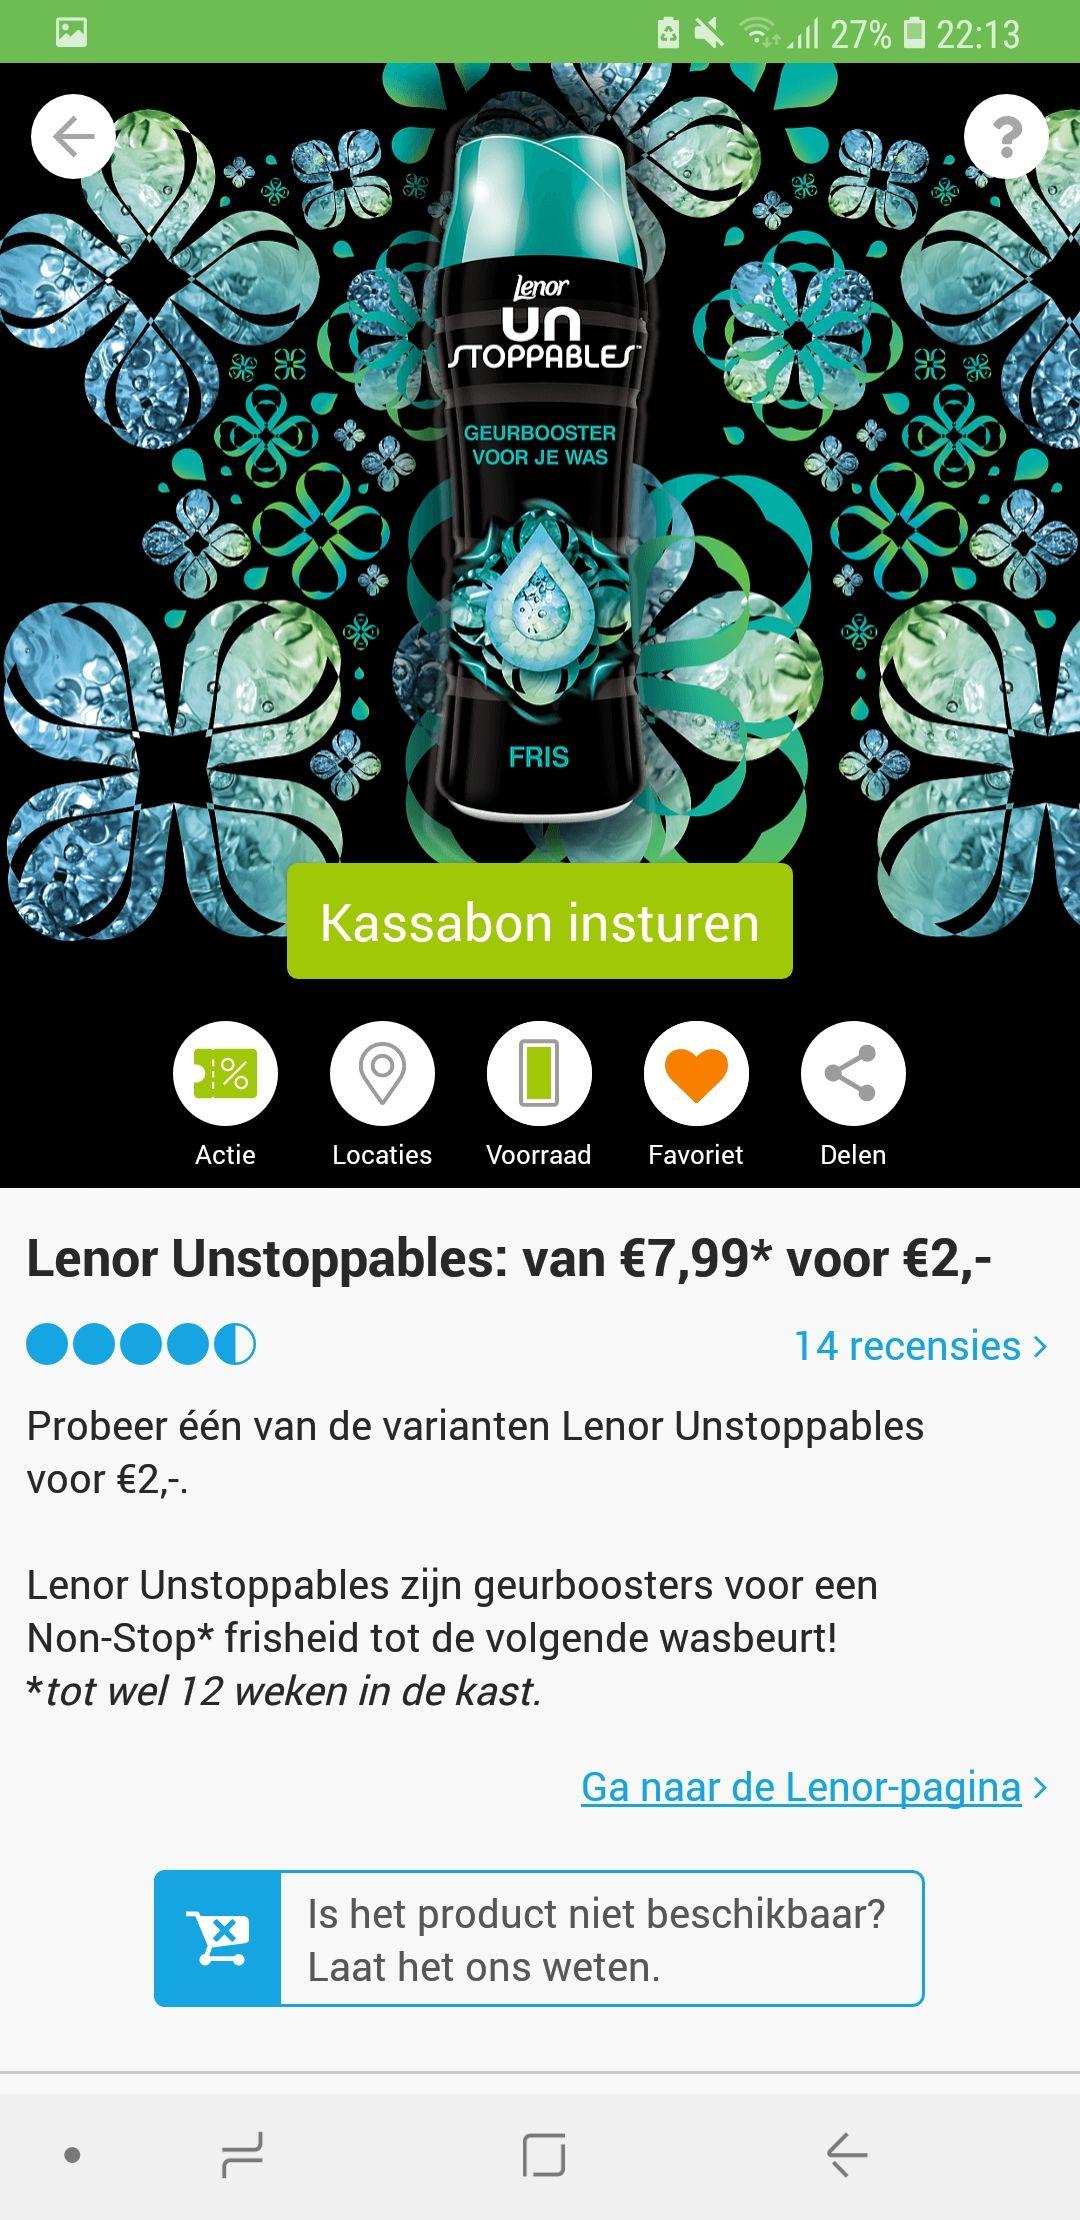 Lenor Unstoppables van €7.99* voor €2,-